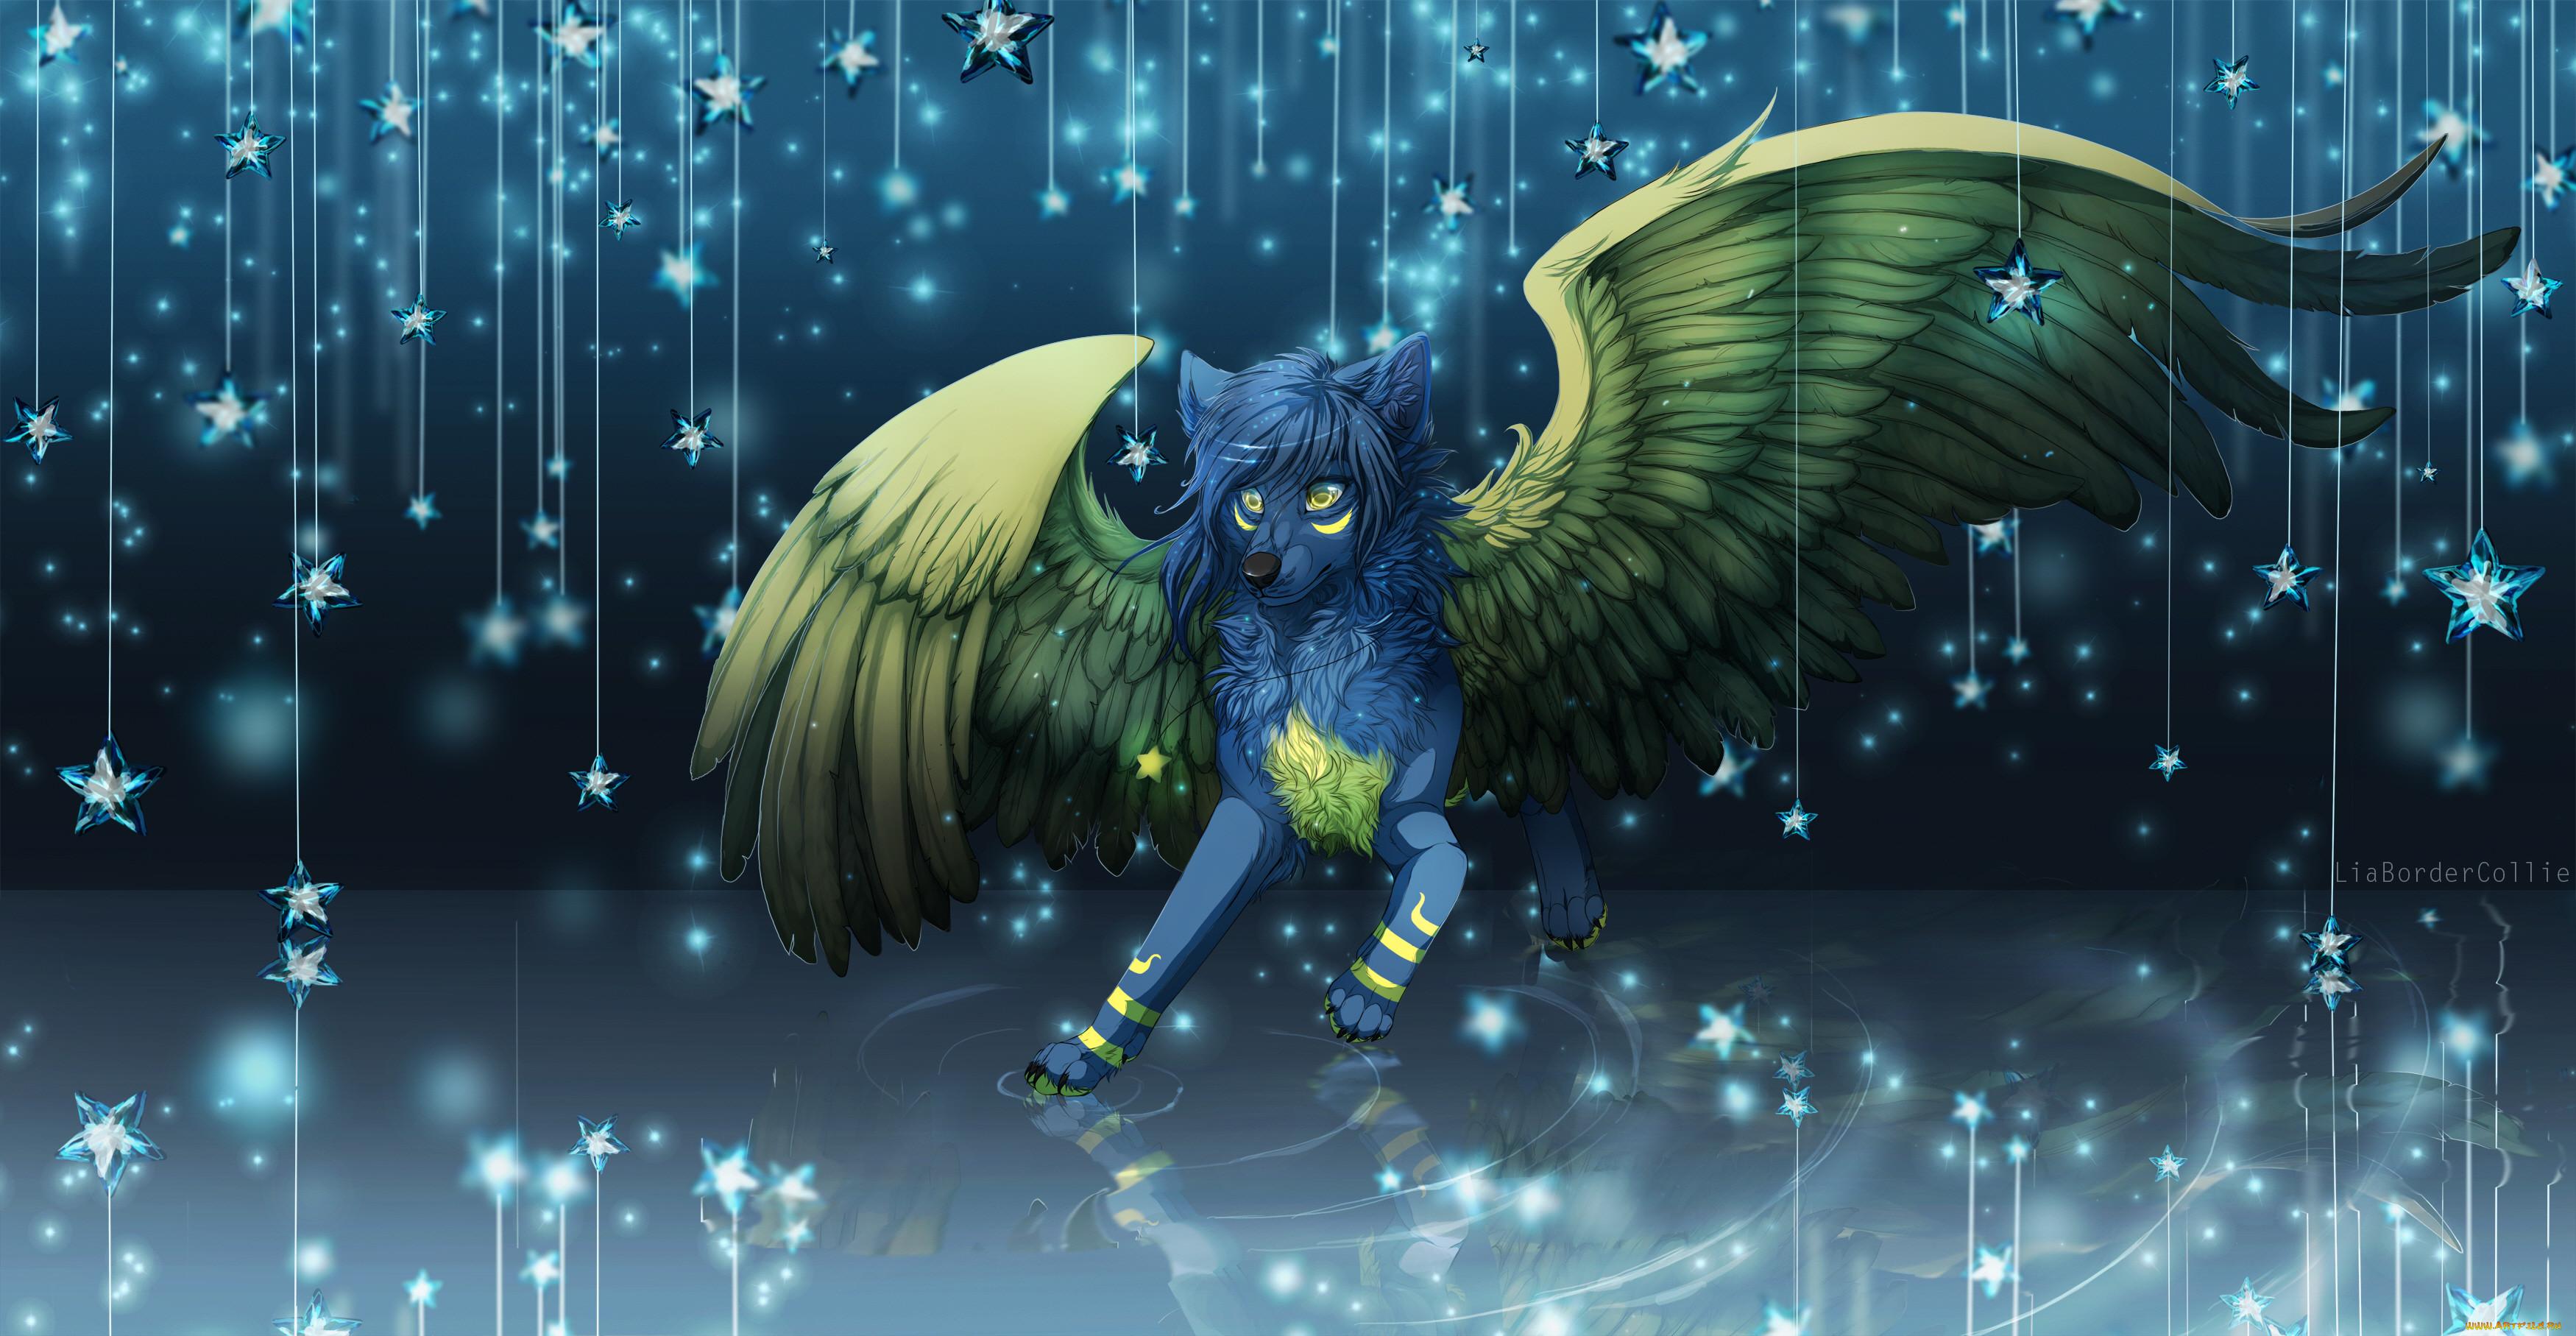 выбирайте волшебные коты с крыльями картинки существу замораживаете